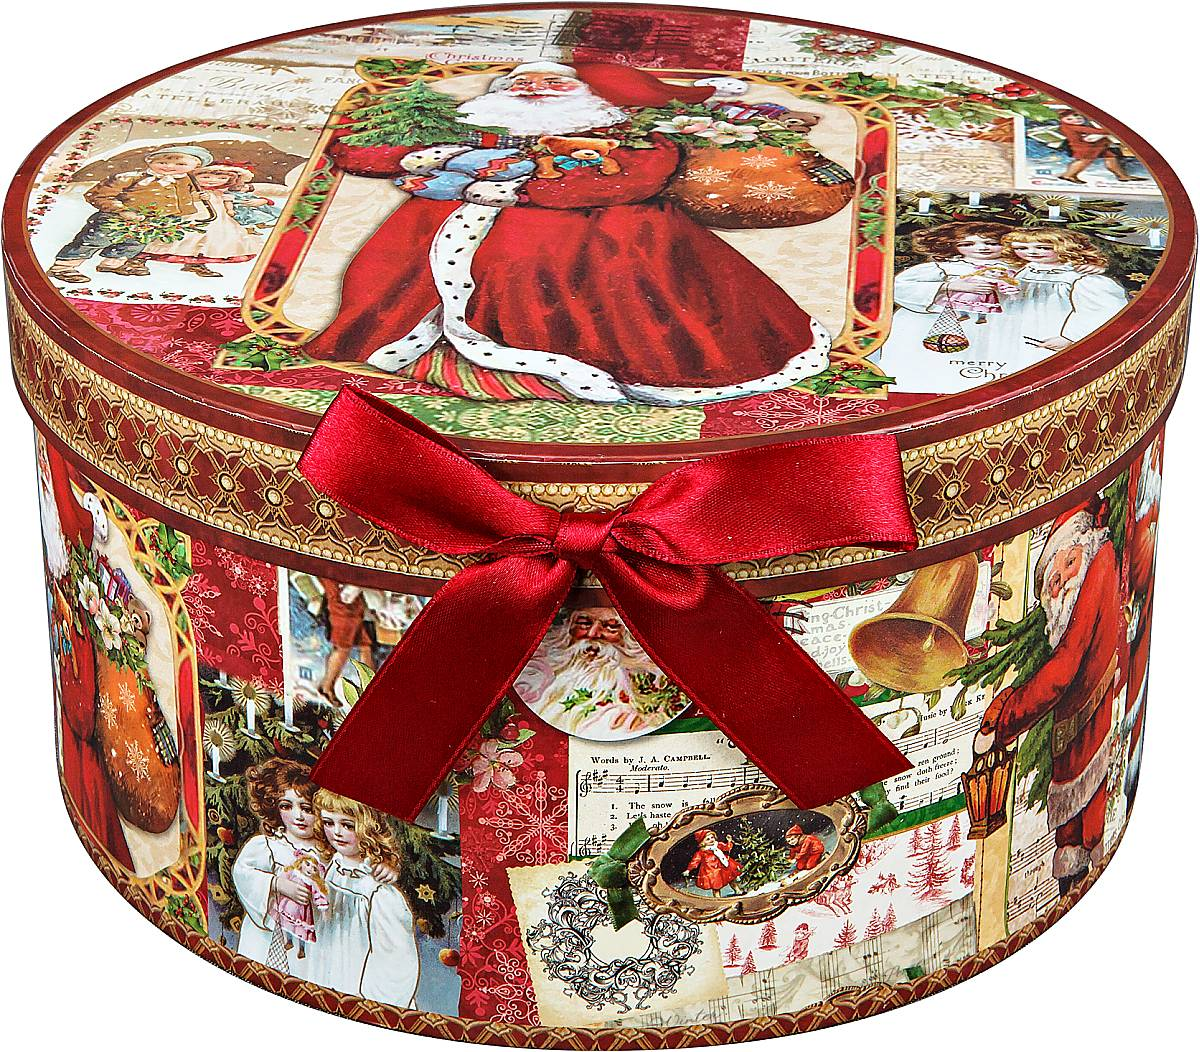 Коробка подарочная новогодняя Mister Christmas Дед Мороз и дети, круглая, 23 х 23 х 12 смBAL 137Круглая картонная коробка Mister Christmas Дед Мороз и дети - это один из самых распространенных вариантов упаковки подарков. Любой, даже самый нестандартный подарок упакованный в такую коробку, создаст момент легкой интриги, а плотный картон сохранит содержимое в первоначальном виде. Оригинальный дизайн самой коробки будет долго напоминать владельцу о трогательных моментах получения подарка.